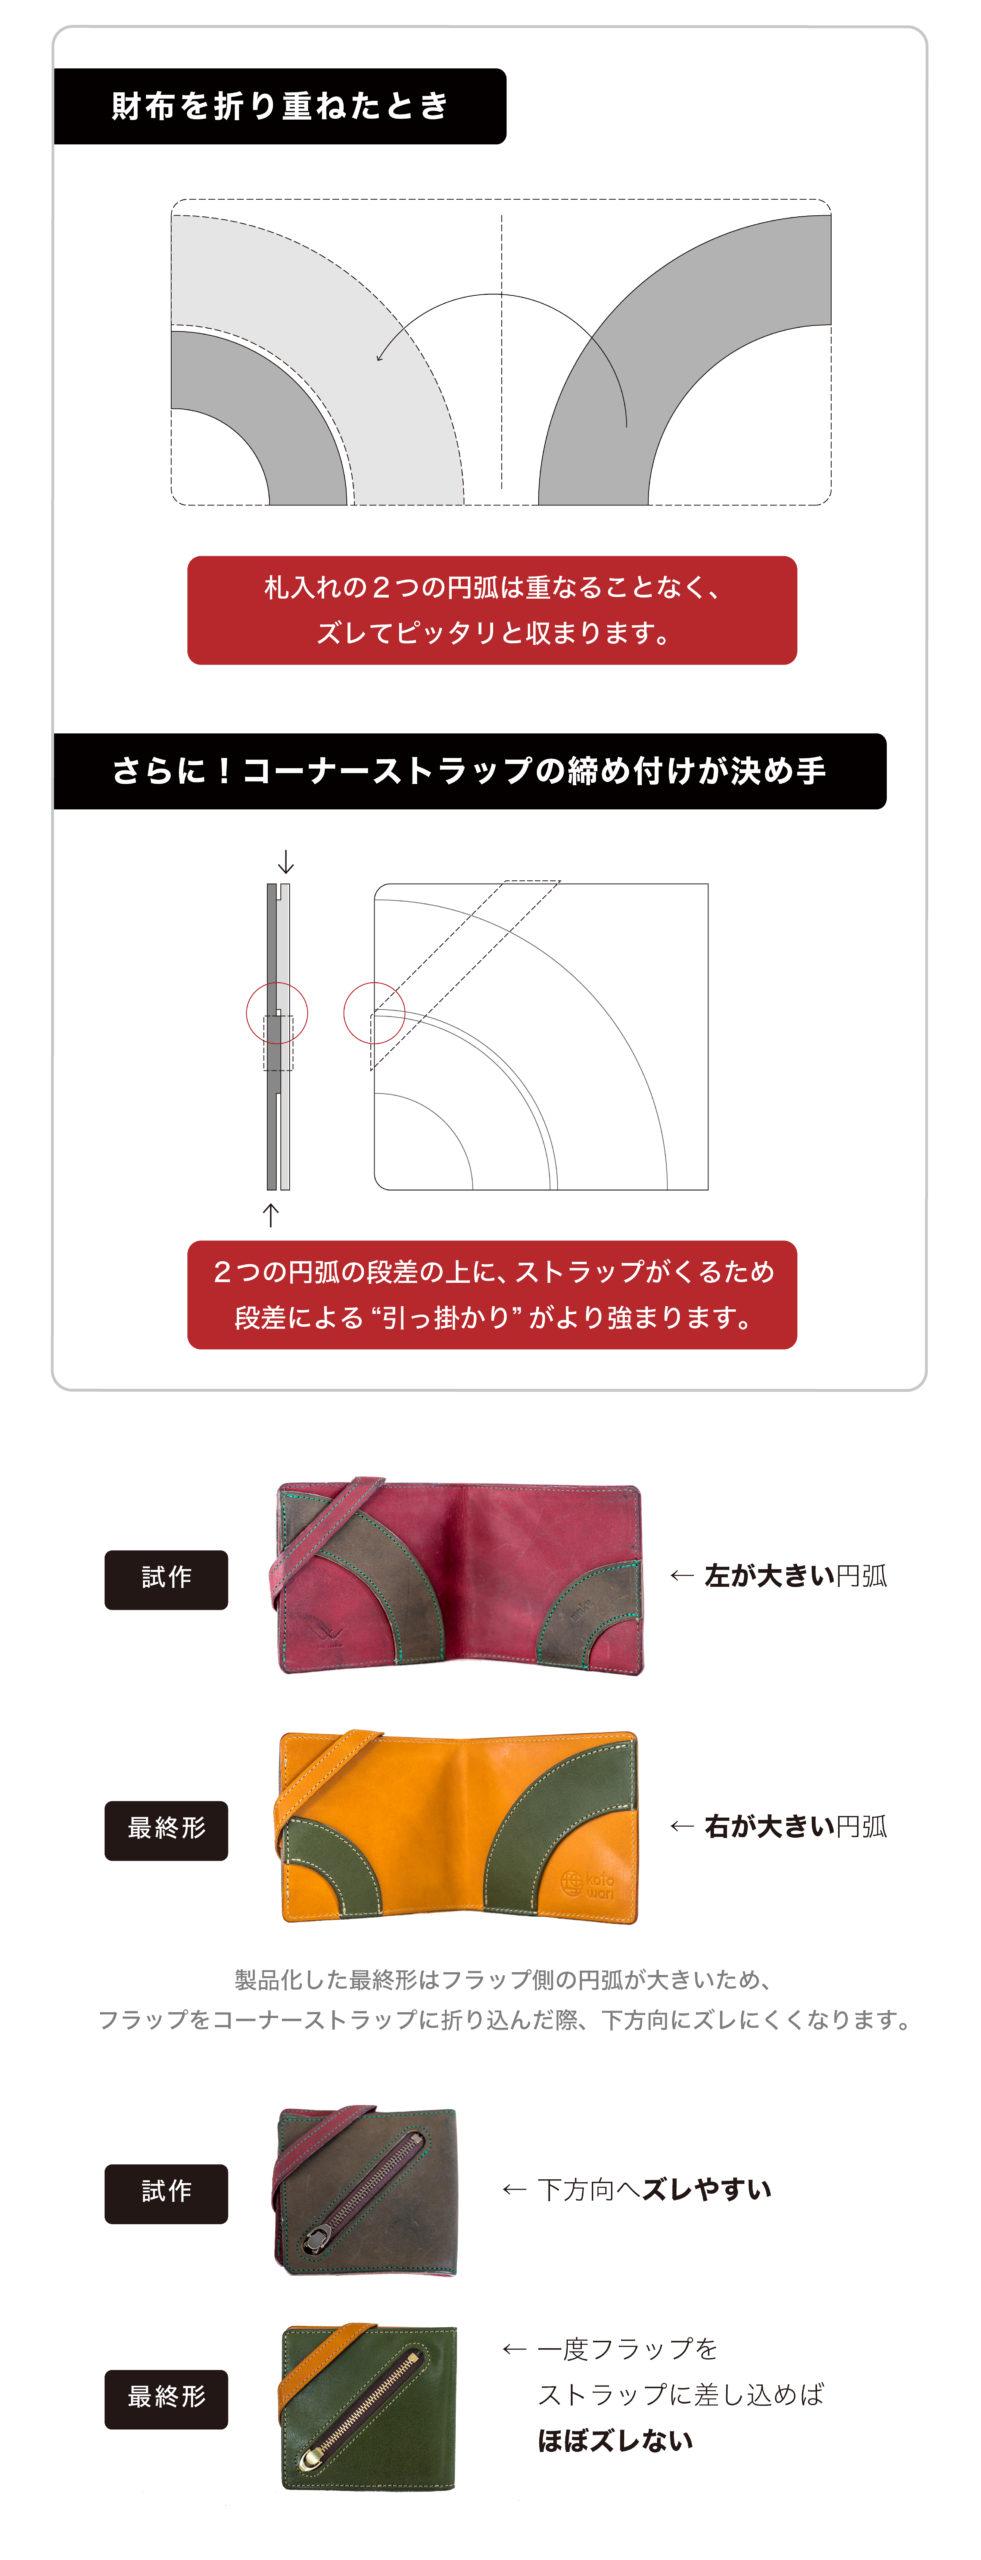 スライドロック構造の説明図